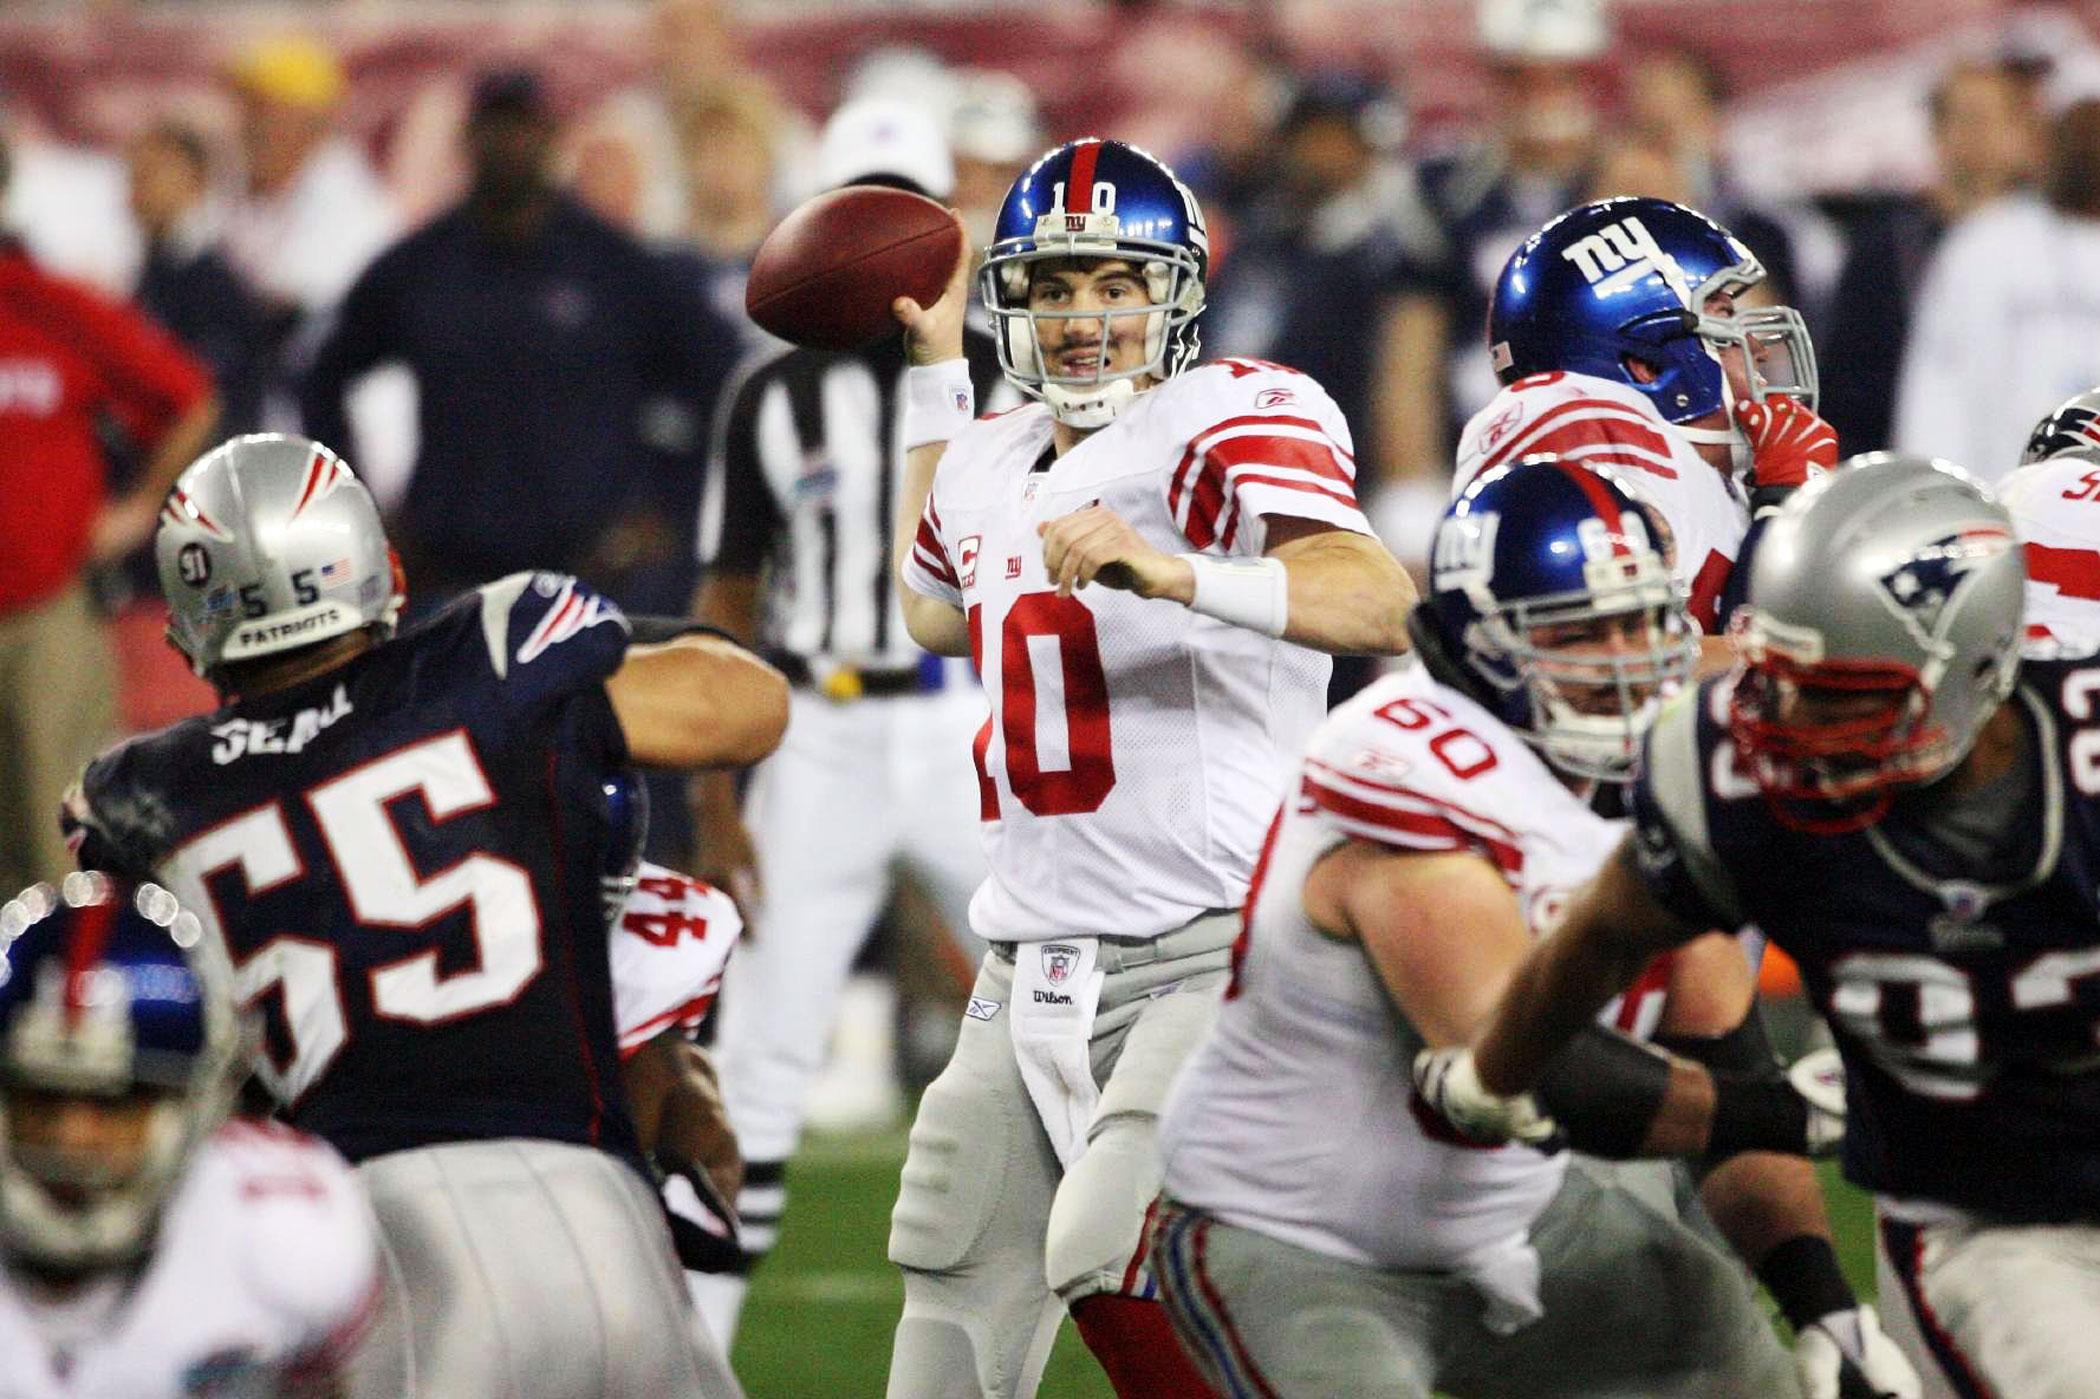 Super Bowl XLII, Feb. 3, 2008                               New York Giants vs New England Patriots in Glendale, Ariz.